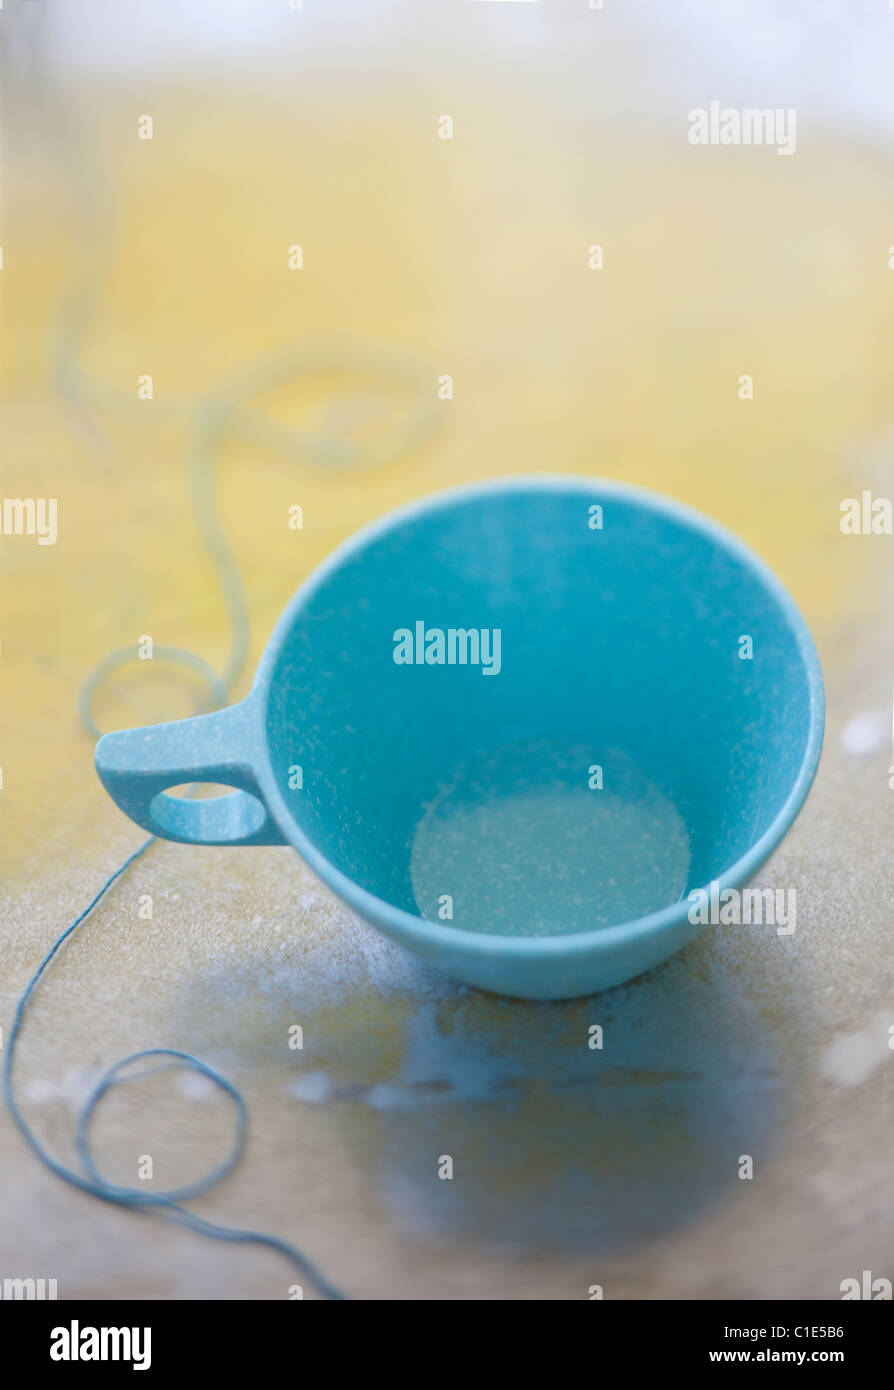 La luz azul de la taza de café con la cadena Imagen De Stock